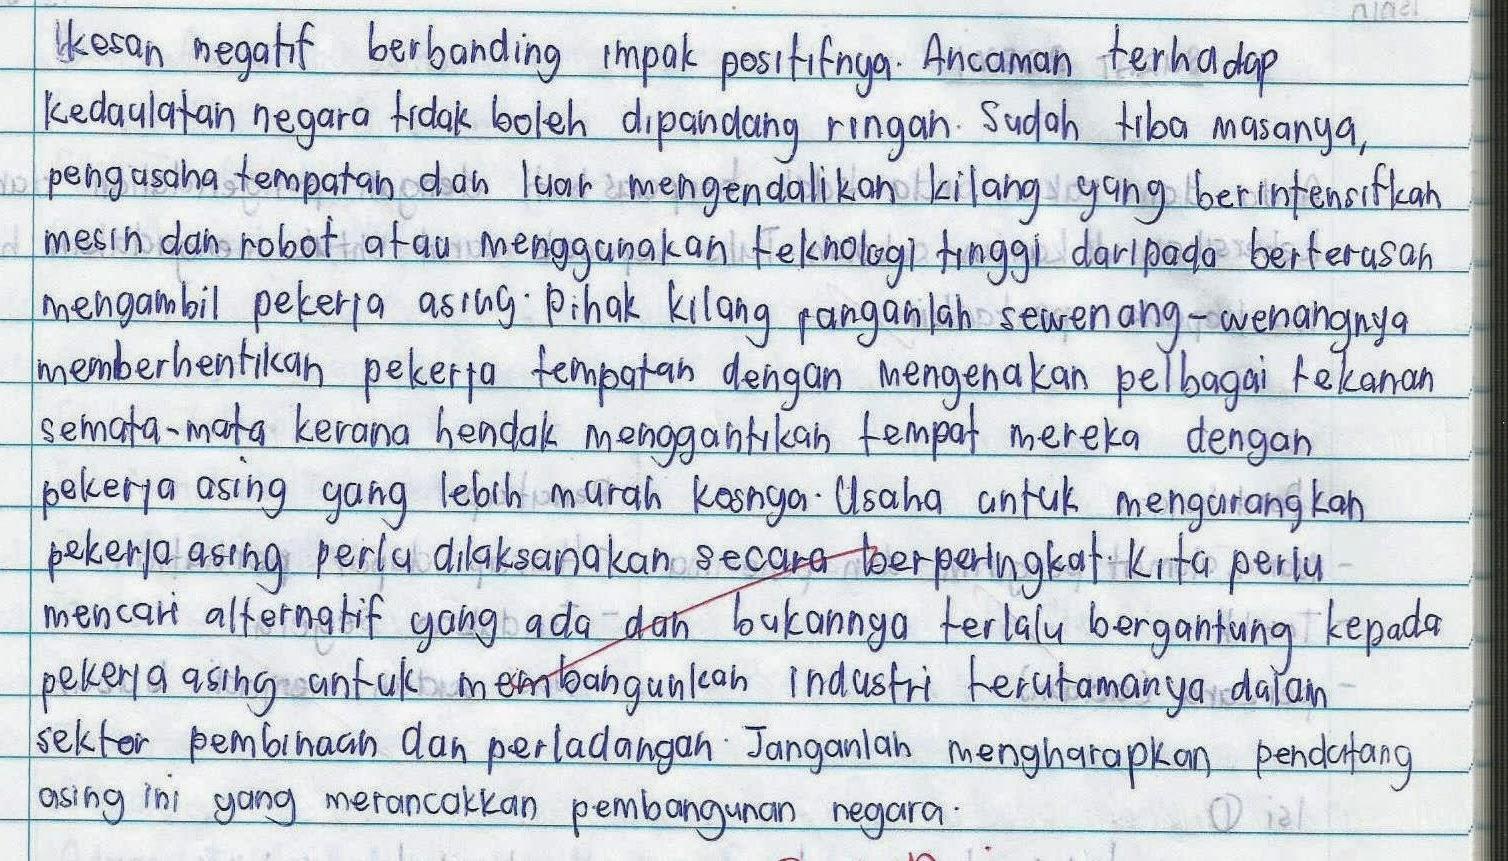 Karangan Perbincangan Kesan Kedatangan Pendatang Asing Di Negara Kita Karangan Bahasa Melayu Pmr